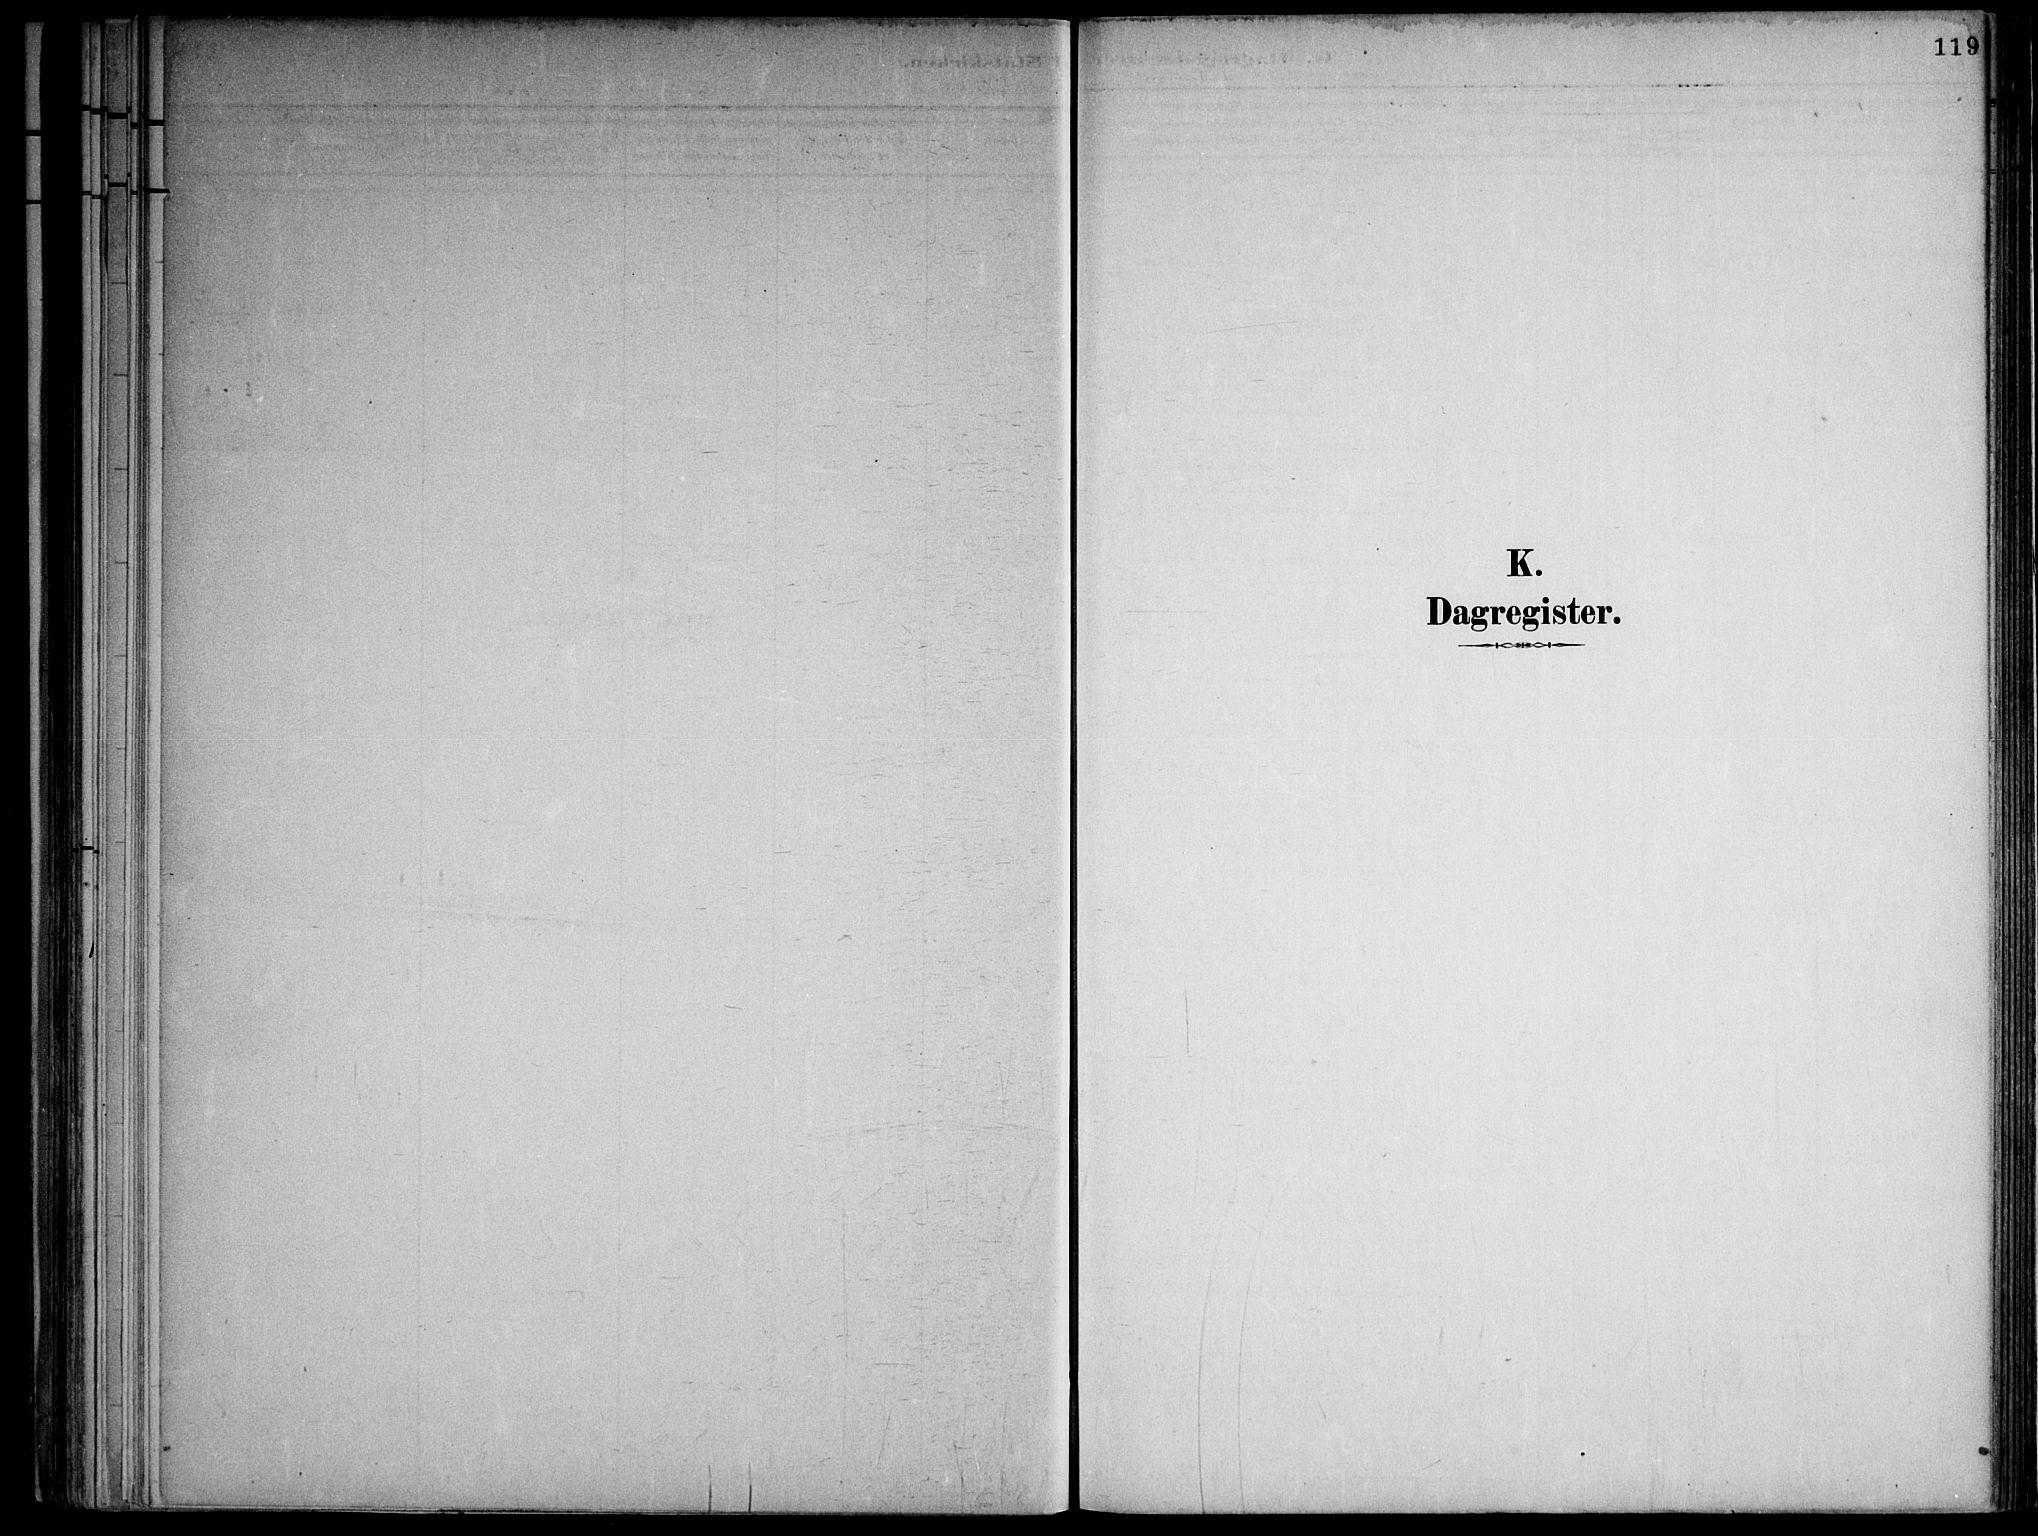 SAKO, Lårdal kirkebøker, F/Fa/L0007: Ministerialbok nr. I 7, 1887-1906, s. 119